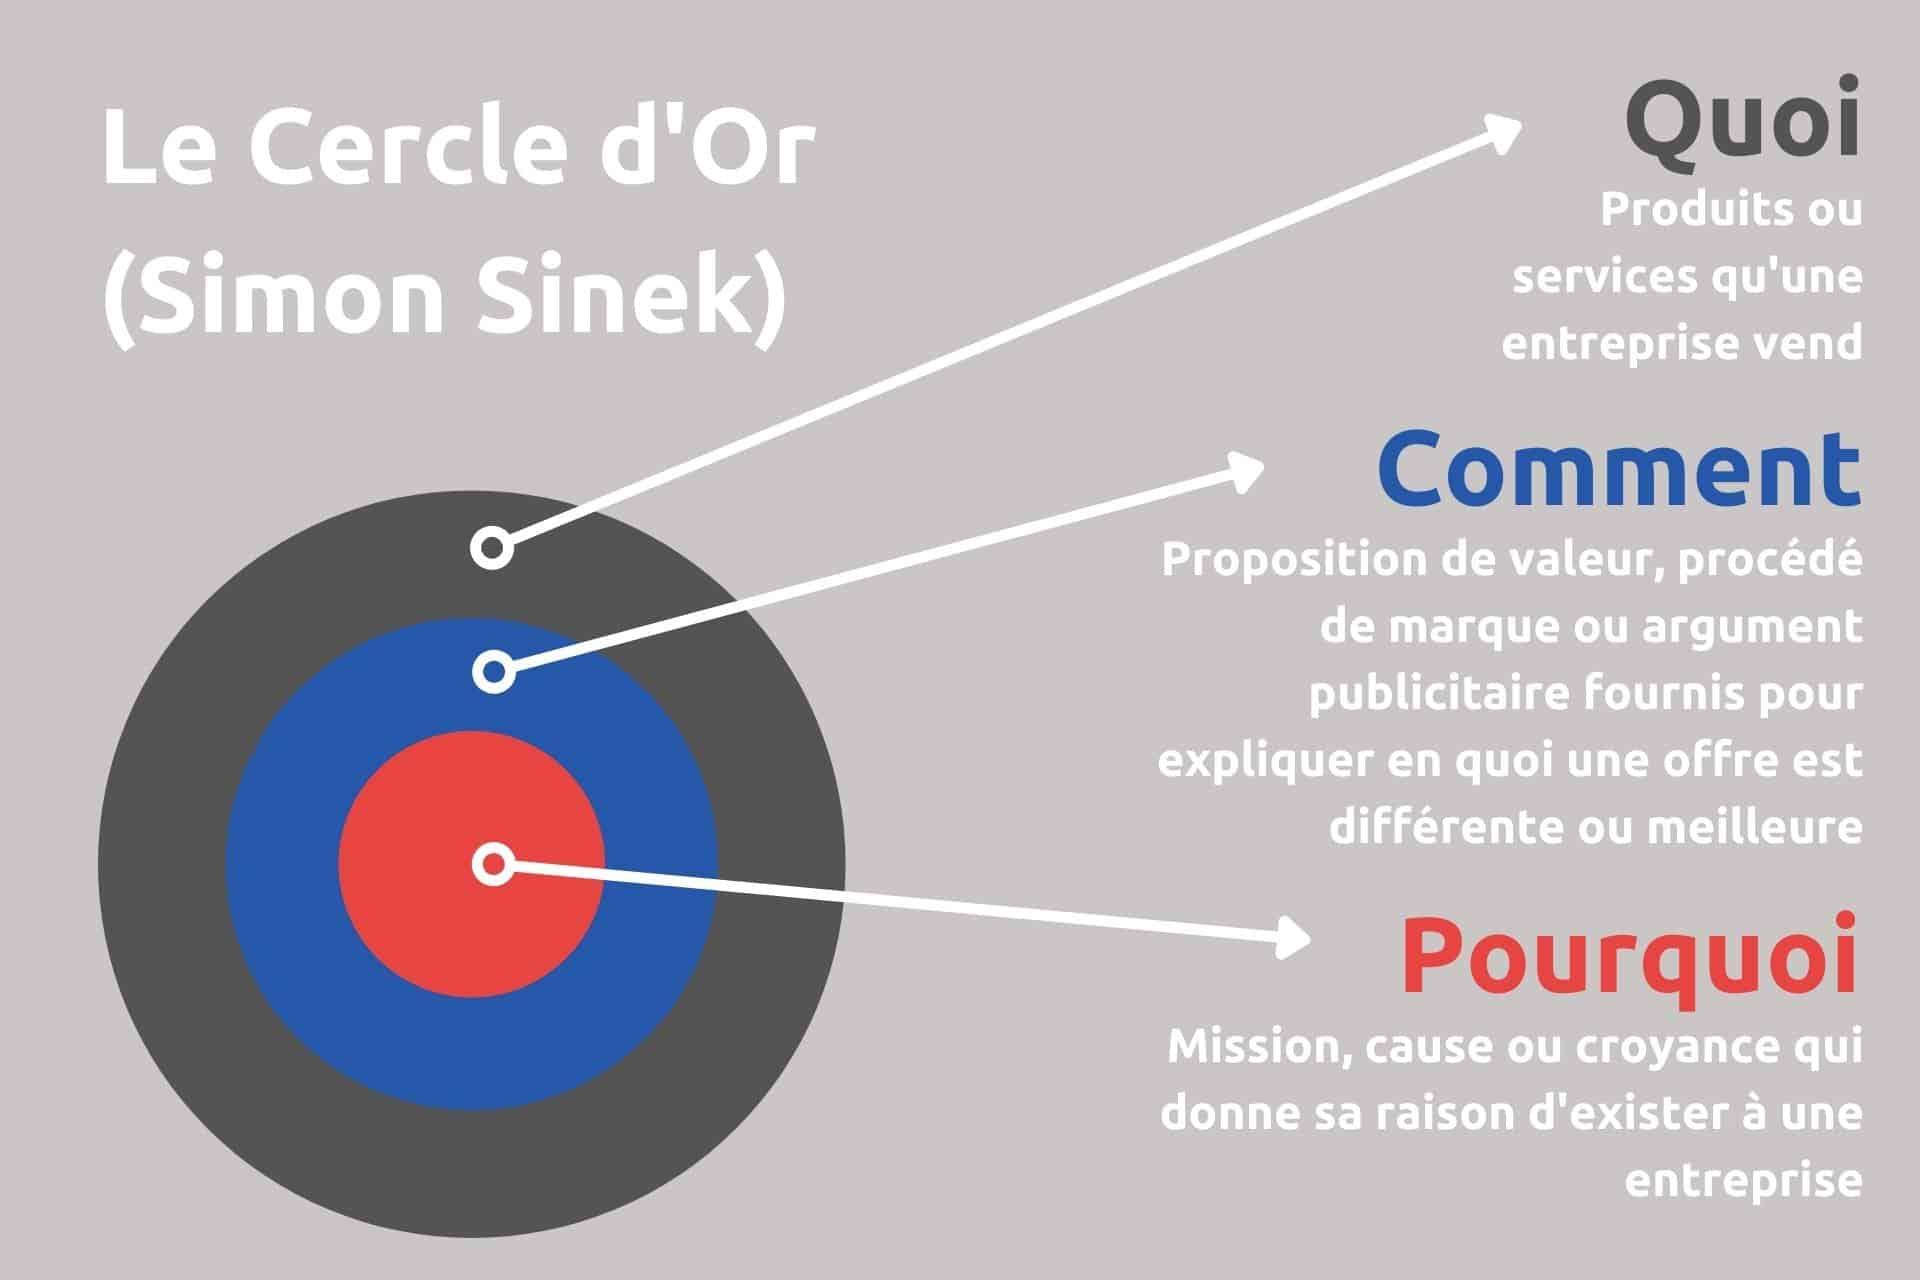 cercle d'or simon sinek